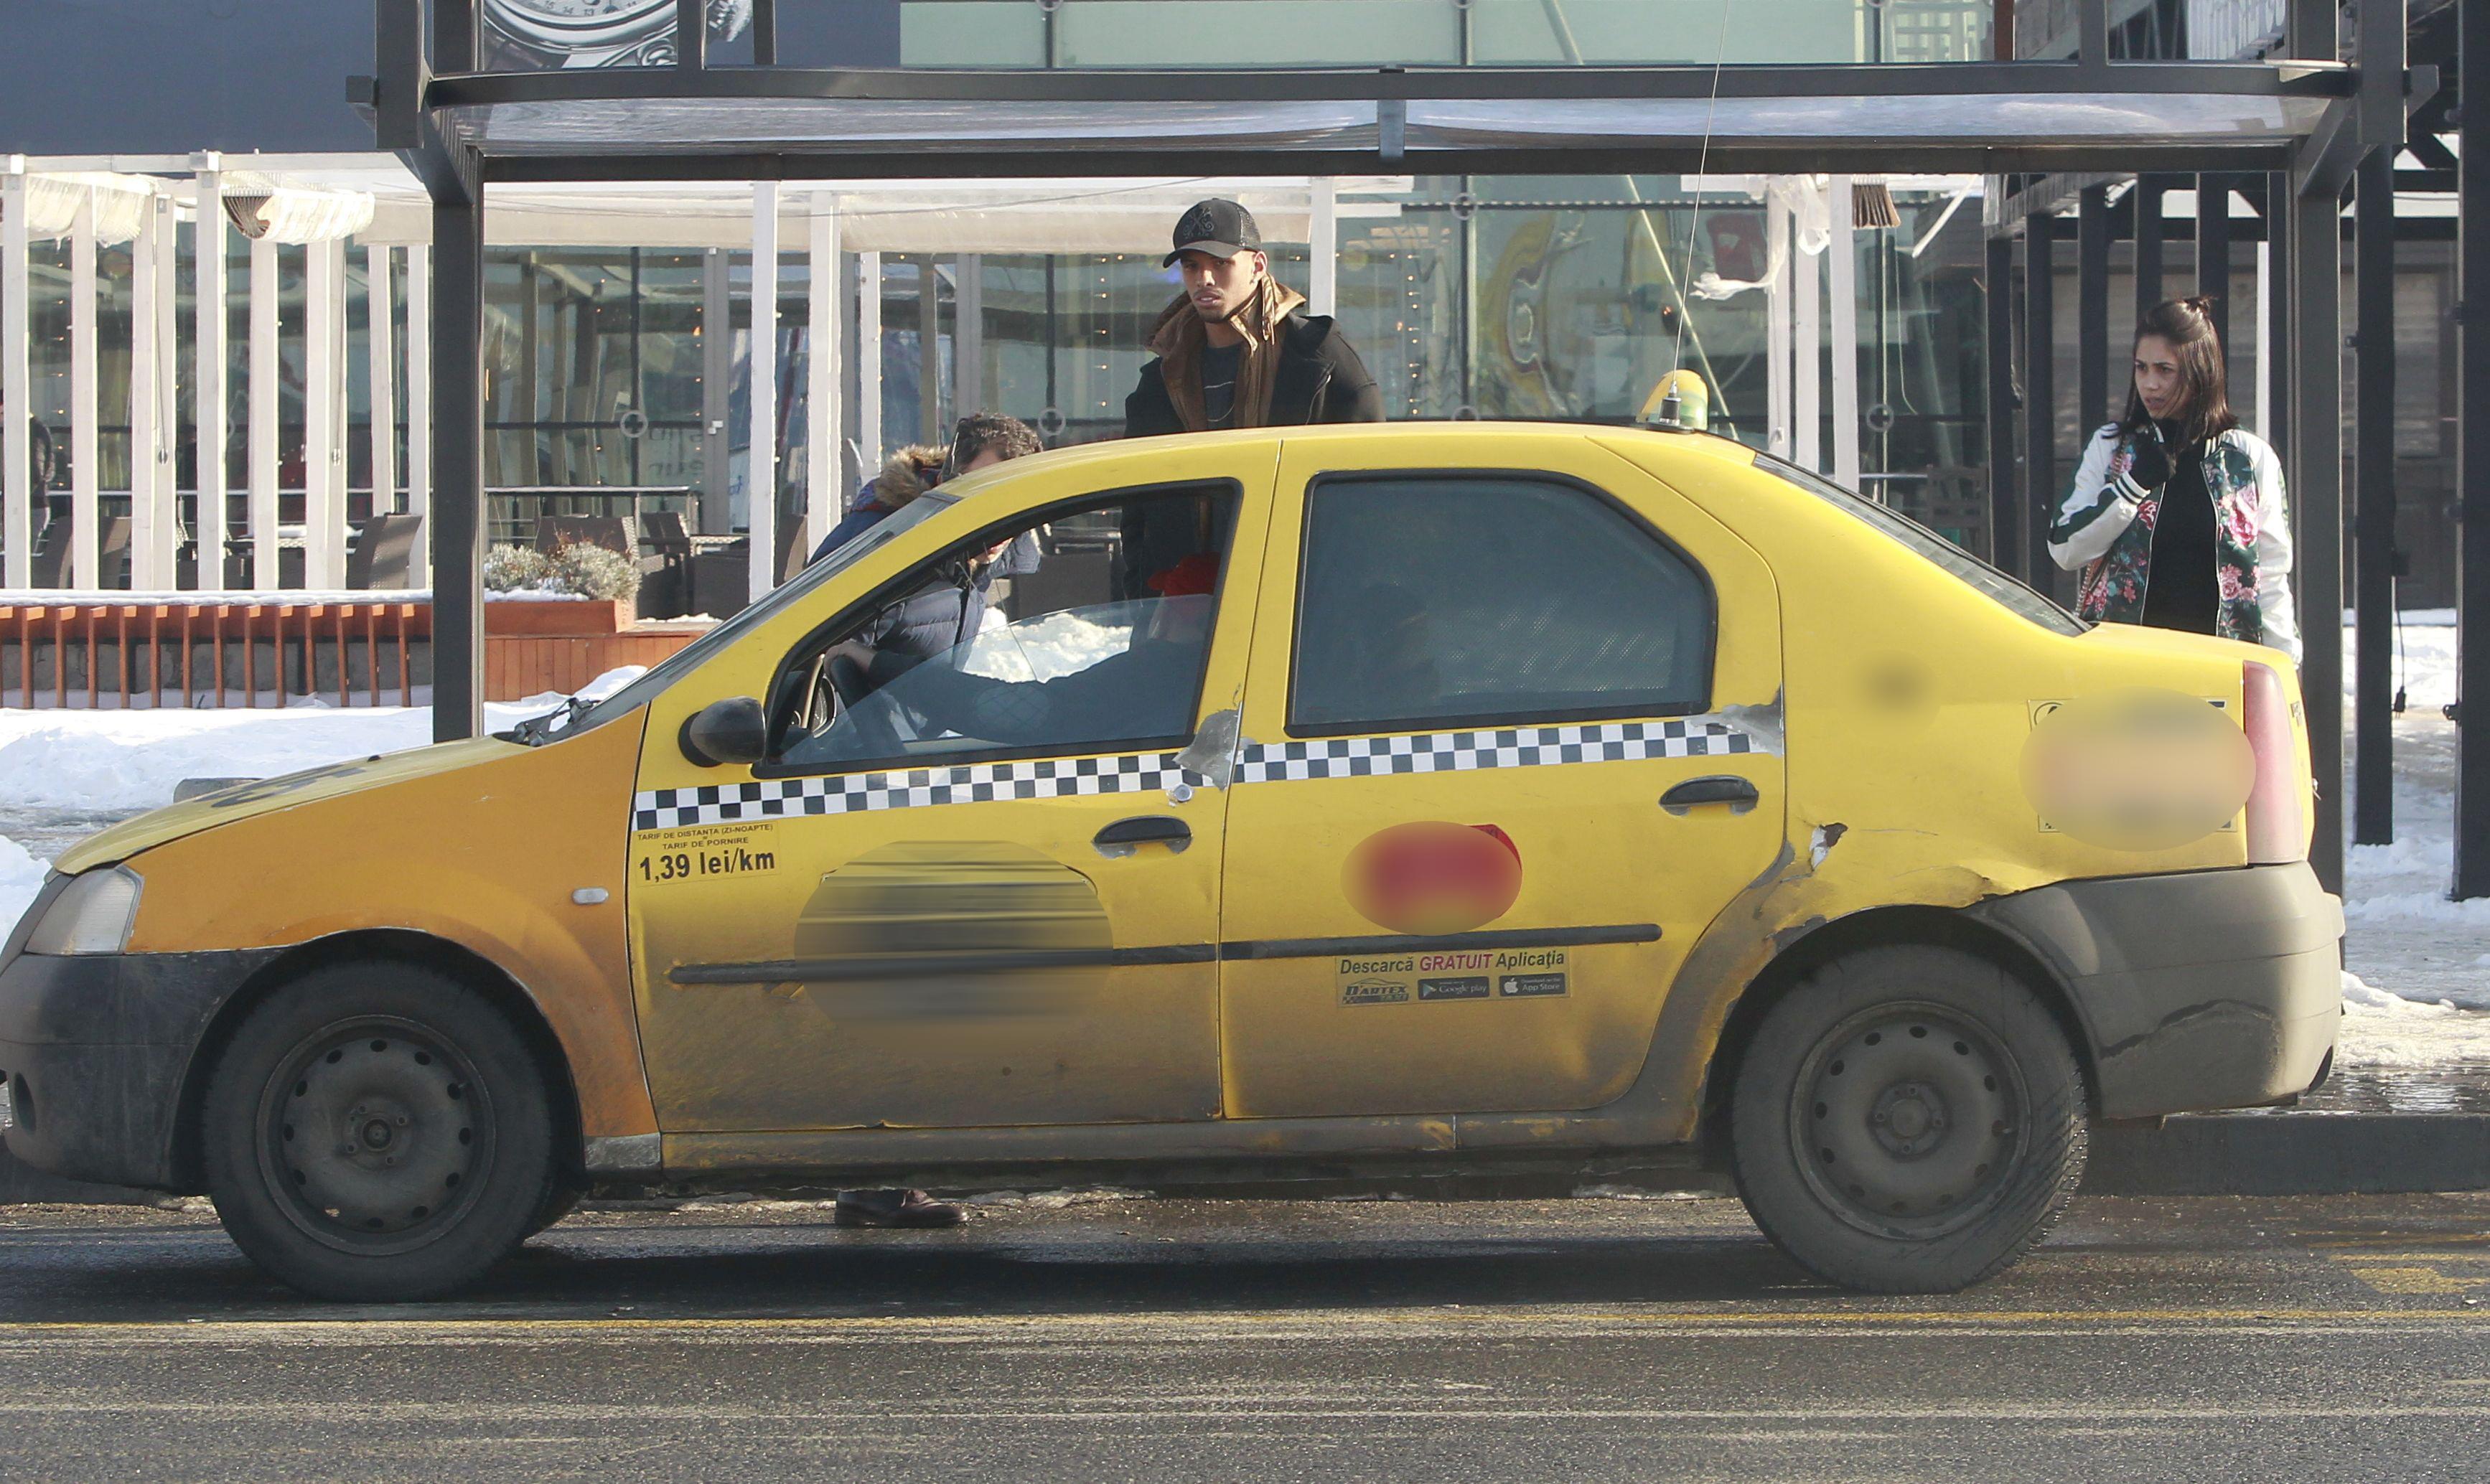 Atunci când au ajuns lângă maşina acestui taximetrist, fiul lui Rivaldo a petrecut minute bune privindu-l cu atenţie pe şofer şi discutând cu el, părând că-l recunoaşte din noaptea în care i-a dispărut subtil portofelul.